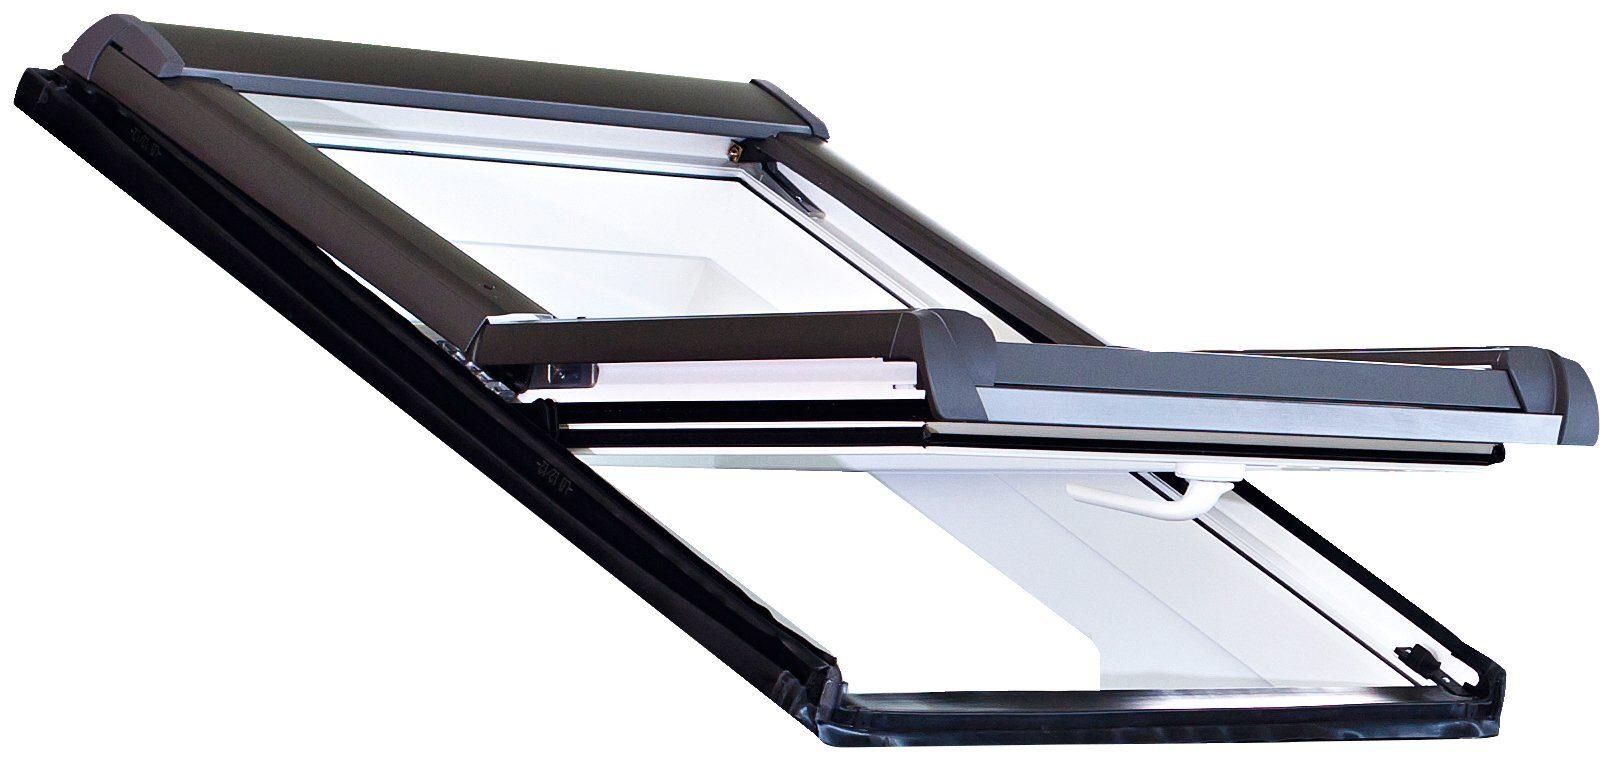 RORO Dachfenster »Typ DKE202«, BxH: 65x118 cm, weiß